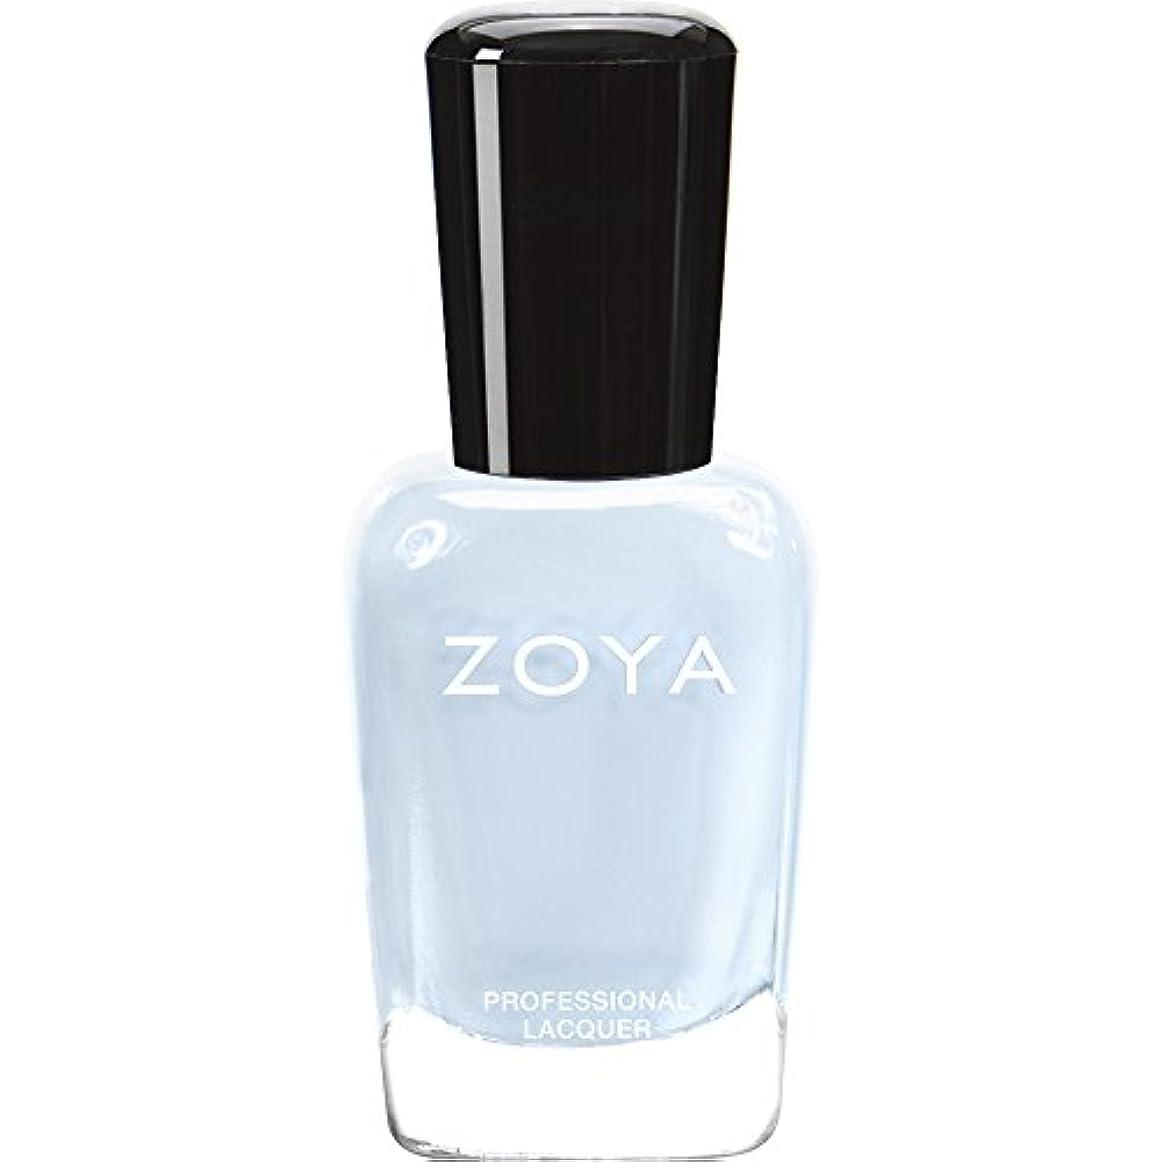 縮れた乳白色つま先ZOYA ゾーヤ ネイルカラー ZP653 BLU ブルー 15ml  2012 LOVELY COLLECTION 光沢のある淡いベビーブルー マット 爪にやさしいネイルラッカーマニキュア